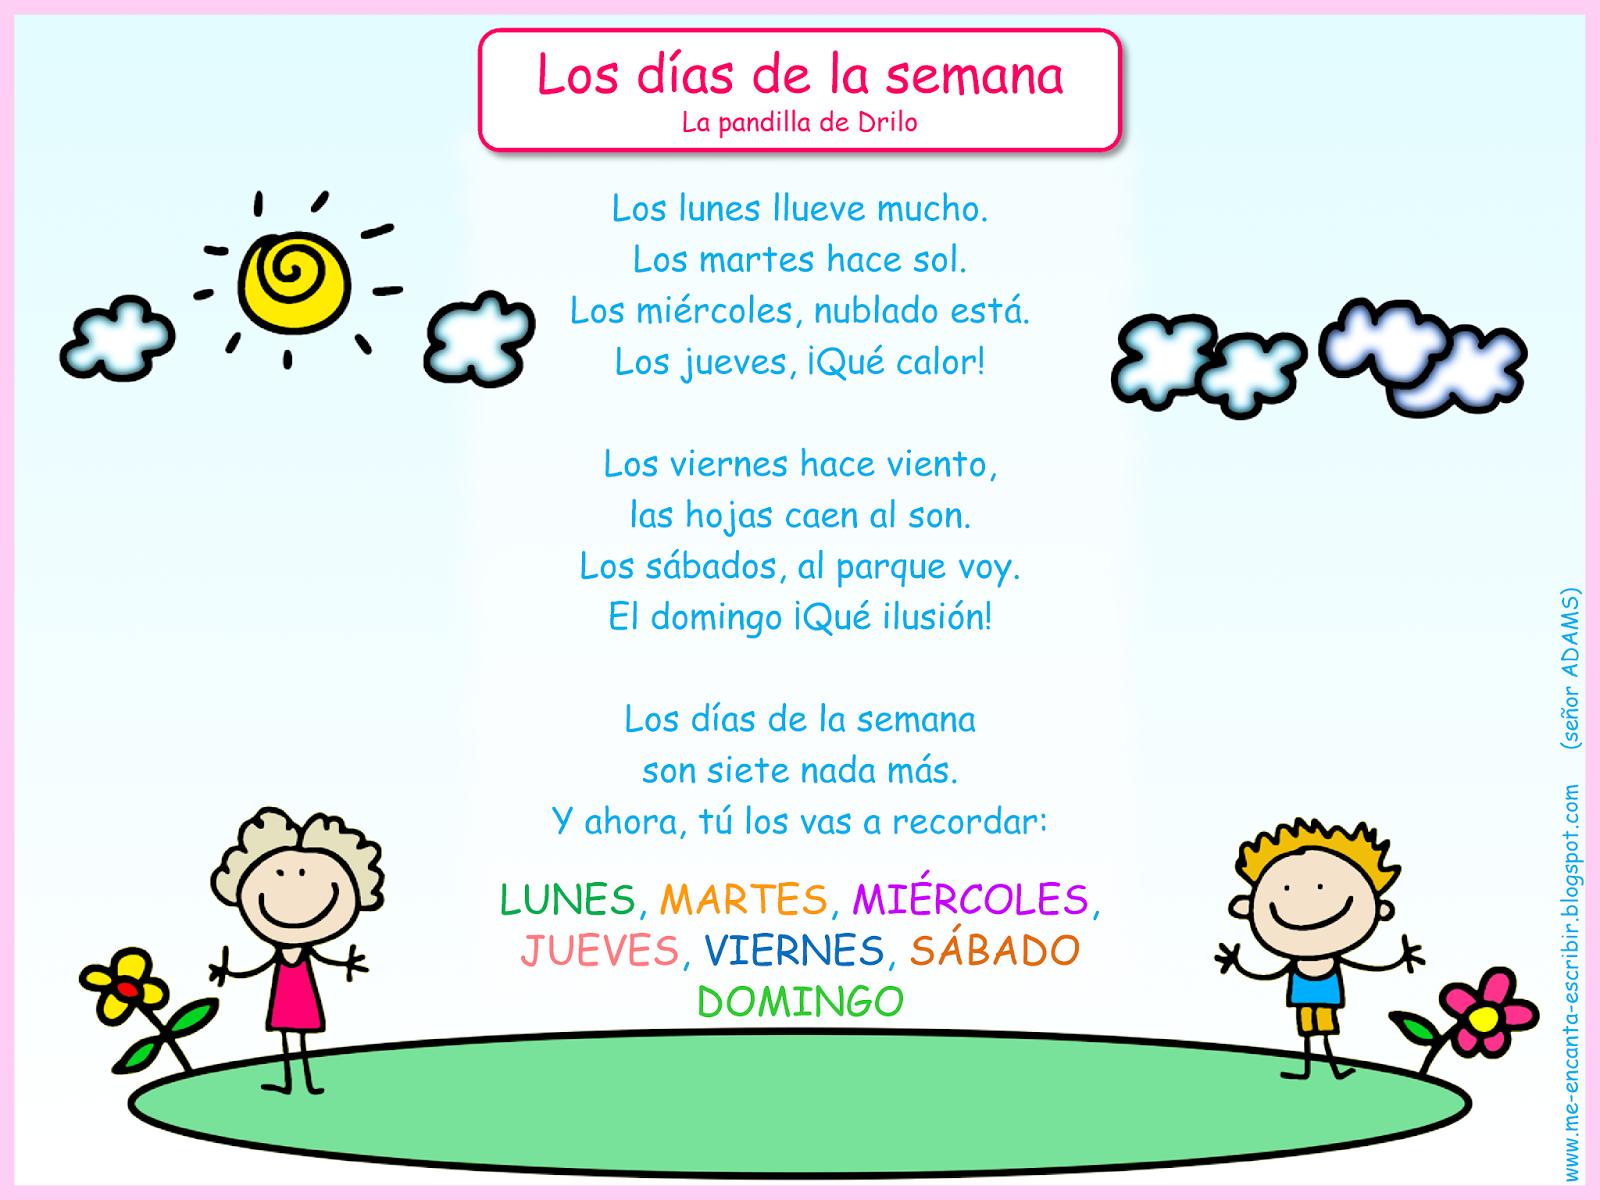 Me Encanta Escribir En Espanol Cancion Los Dias De La Semana La Pandilla De Drilo